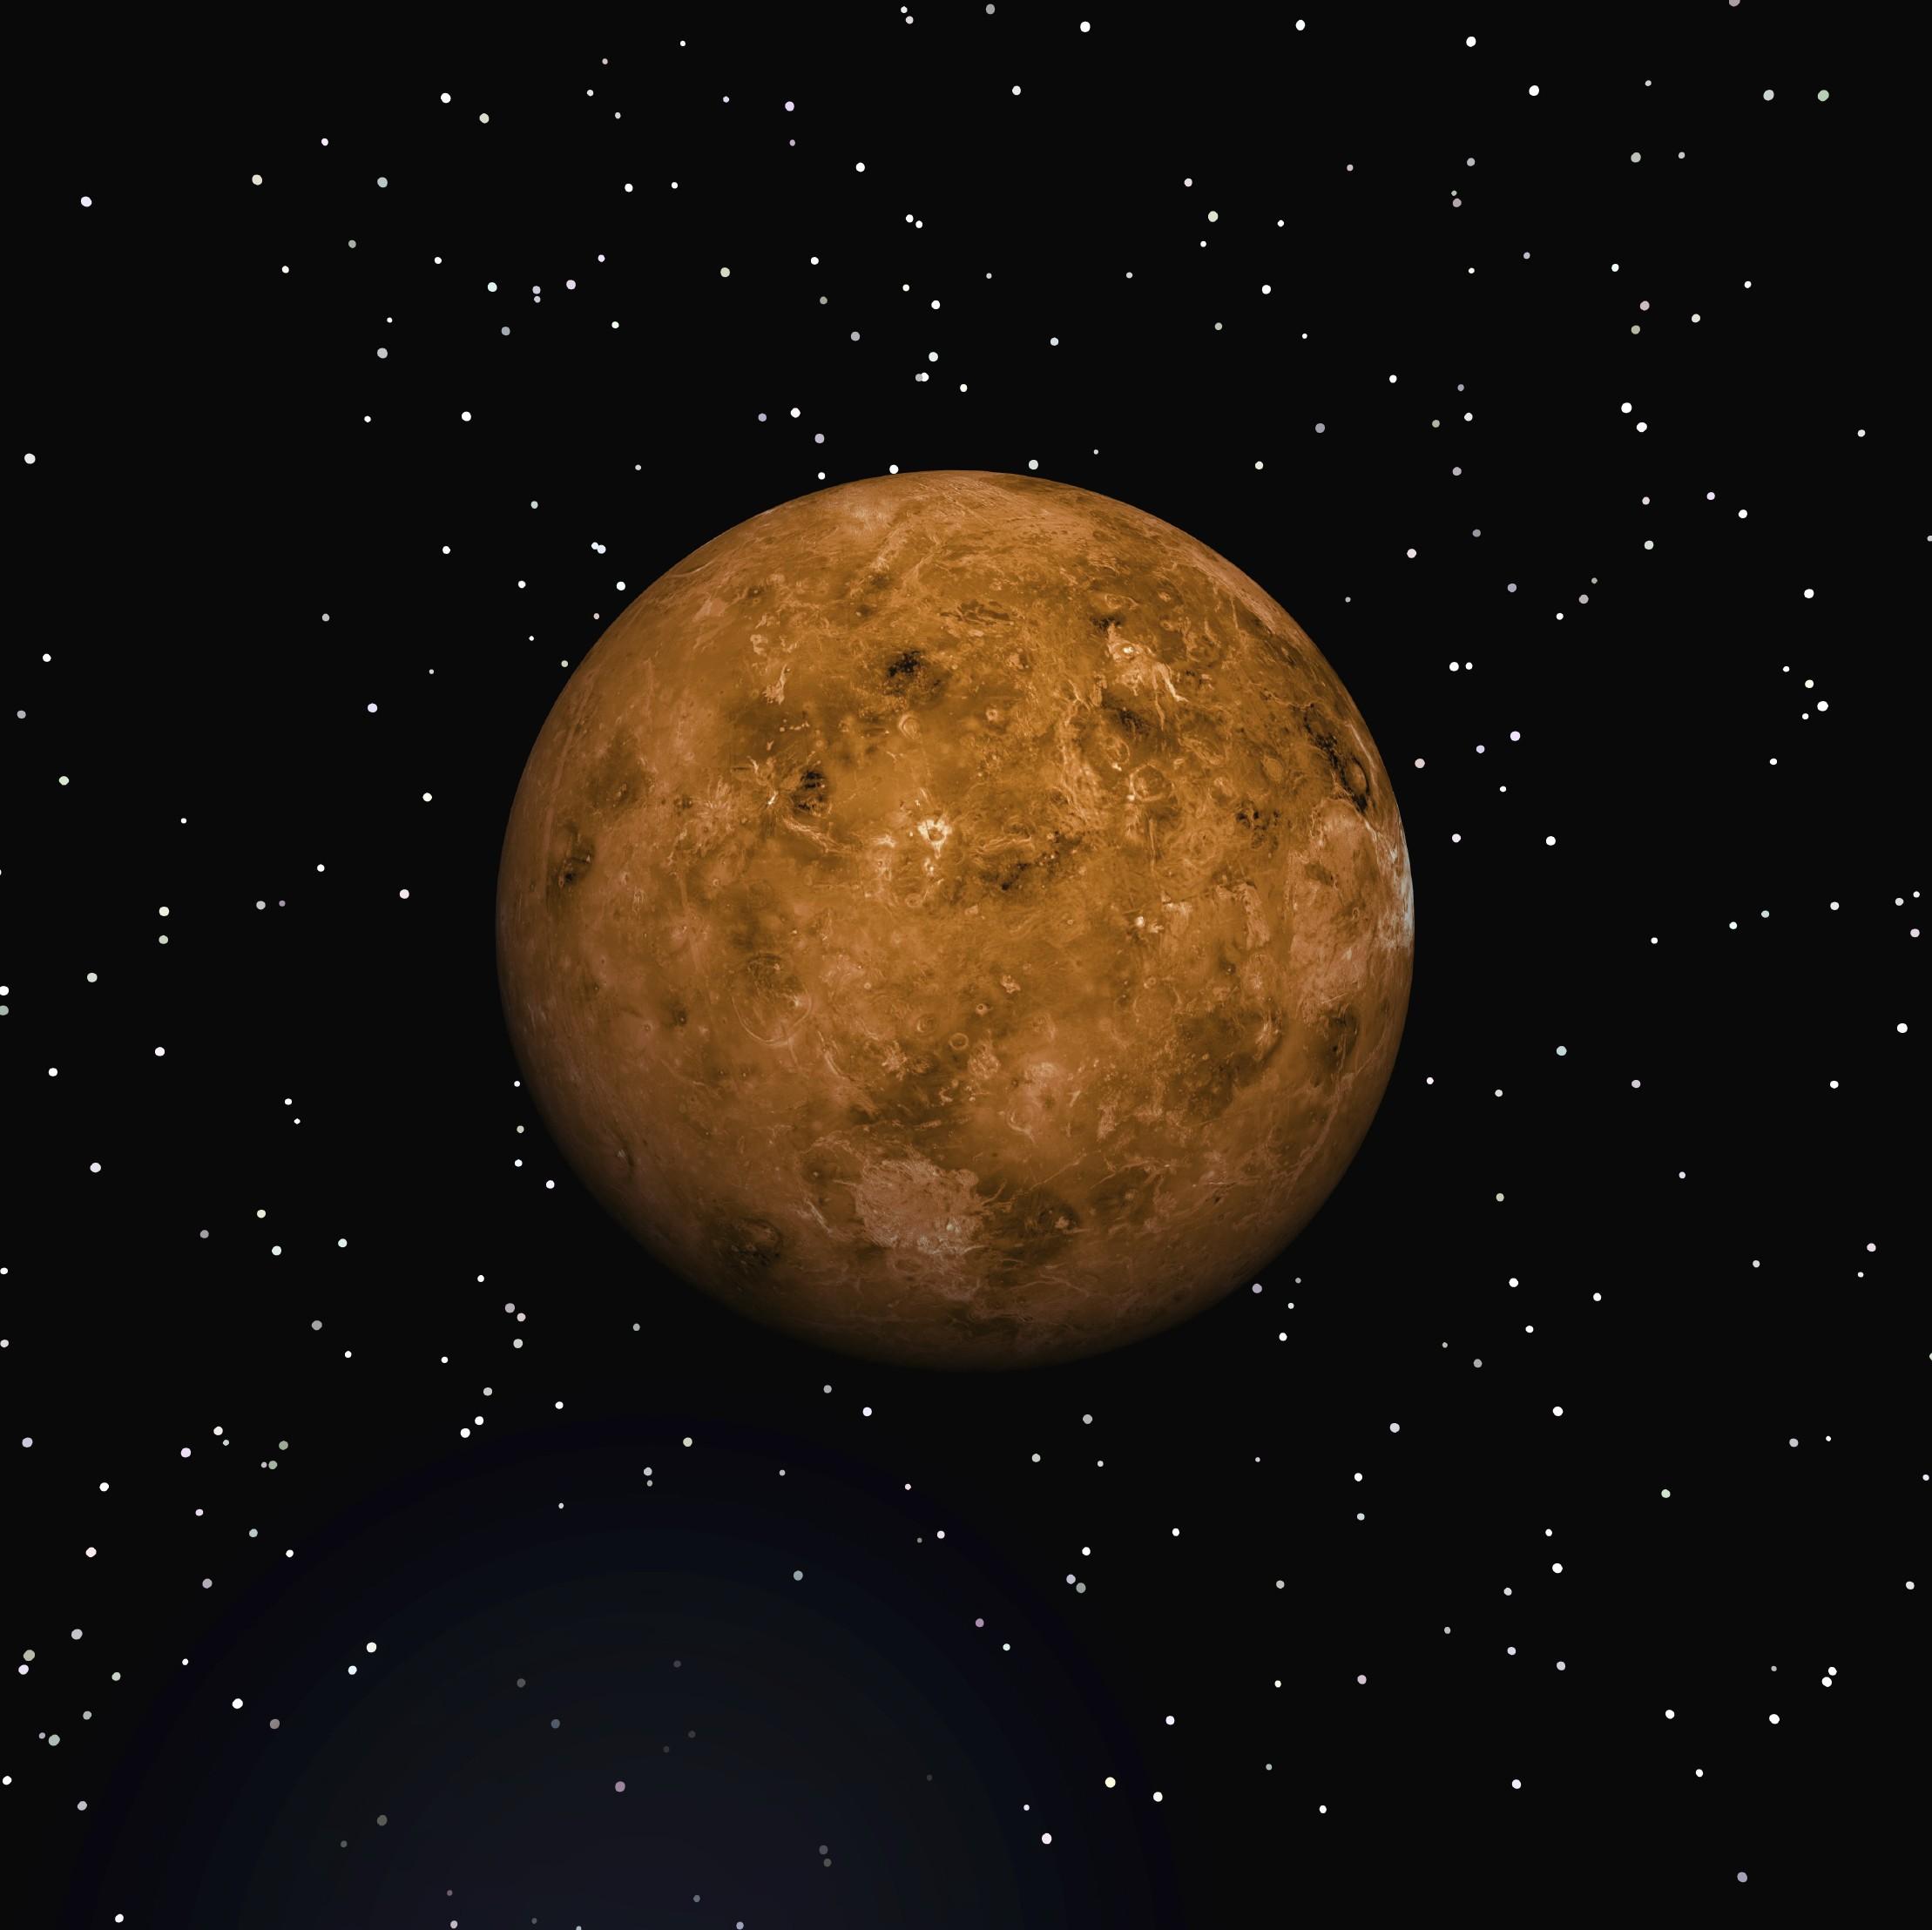 Calendario Lunar Para Saber Si Es Niña O Niño Más Recientes Lavoe 2019 09 30 Of Calendario Lunar Para Saber Si Es Niña O Niño Más Caliente Miera 2018 10 08